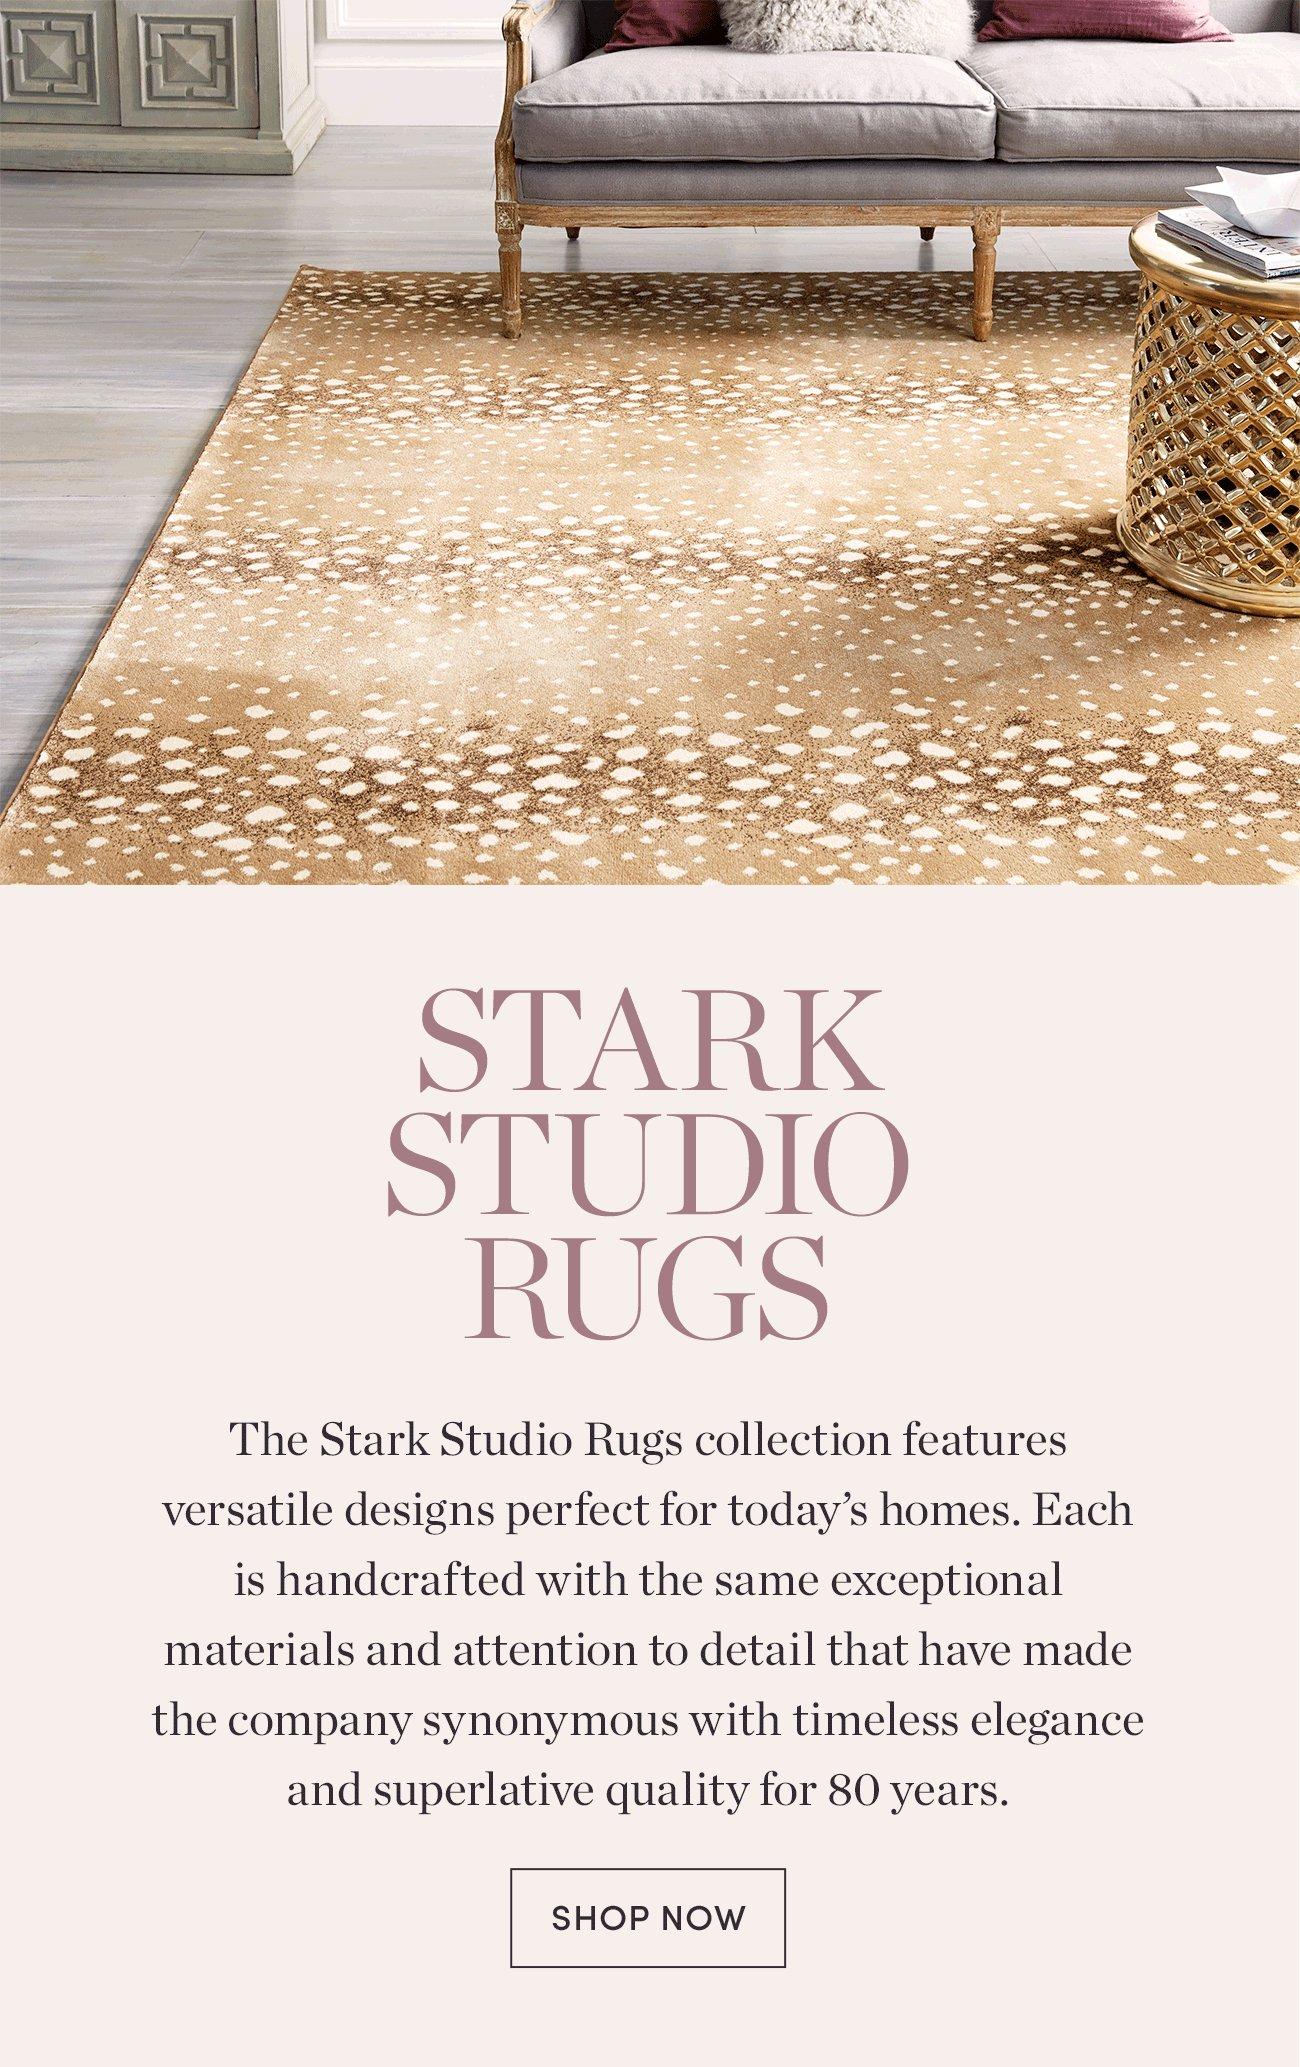 Stark Studio Rugs - Shop Now